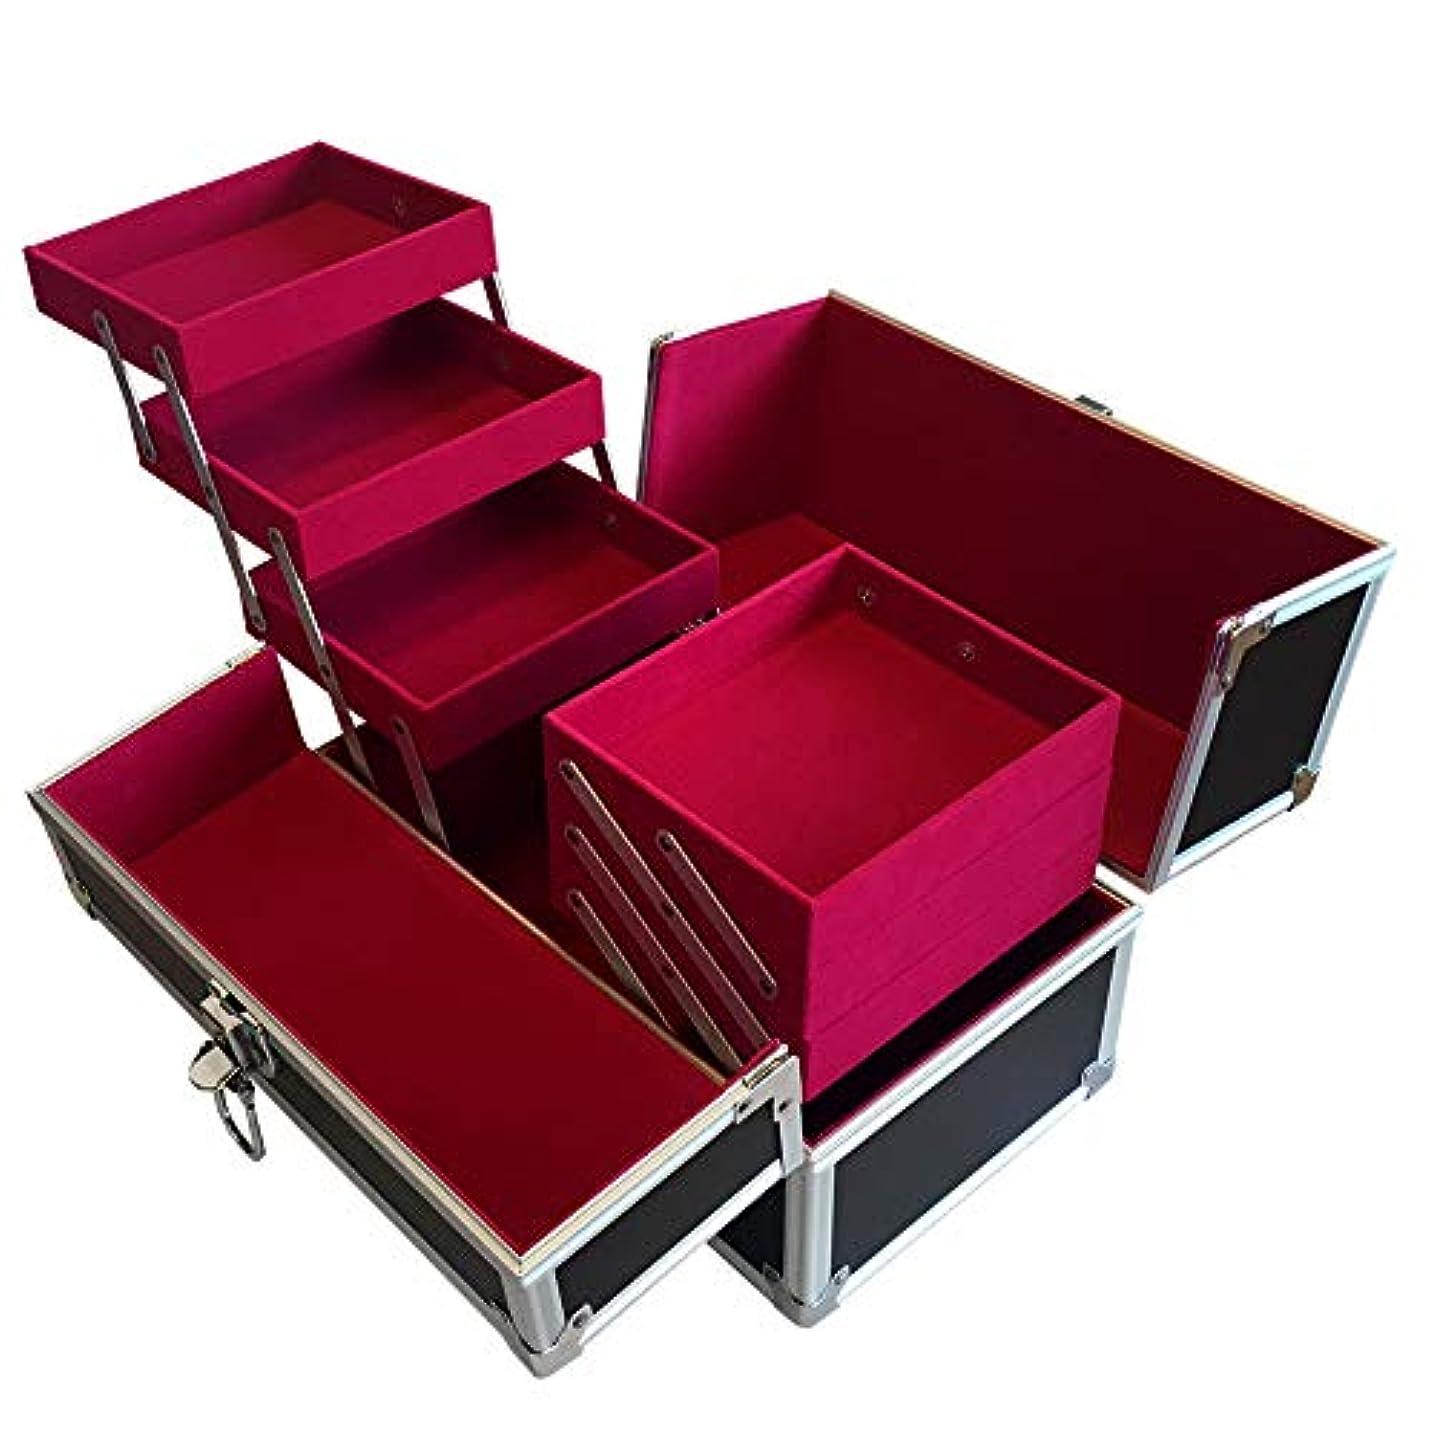 発疹活気づく締めるリライアブル コスメボックス RB002-BKVP 鍵付き プロ仕様 メイクボックス 大容量 化粧品収納 小物入れ 6段トレー ベロア メイクケース コスメBOX 持ち運び ネイルケース